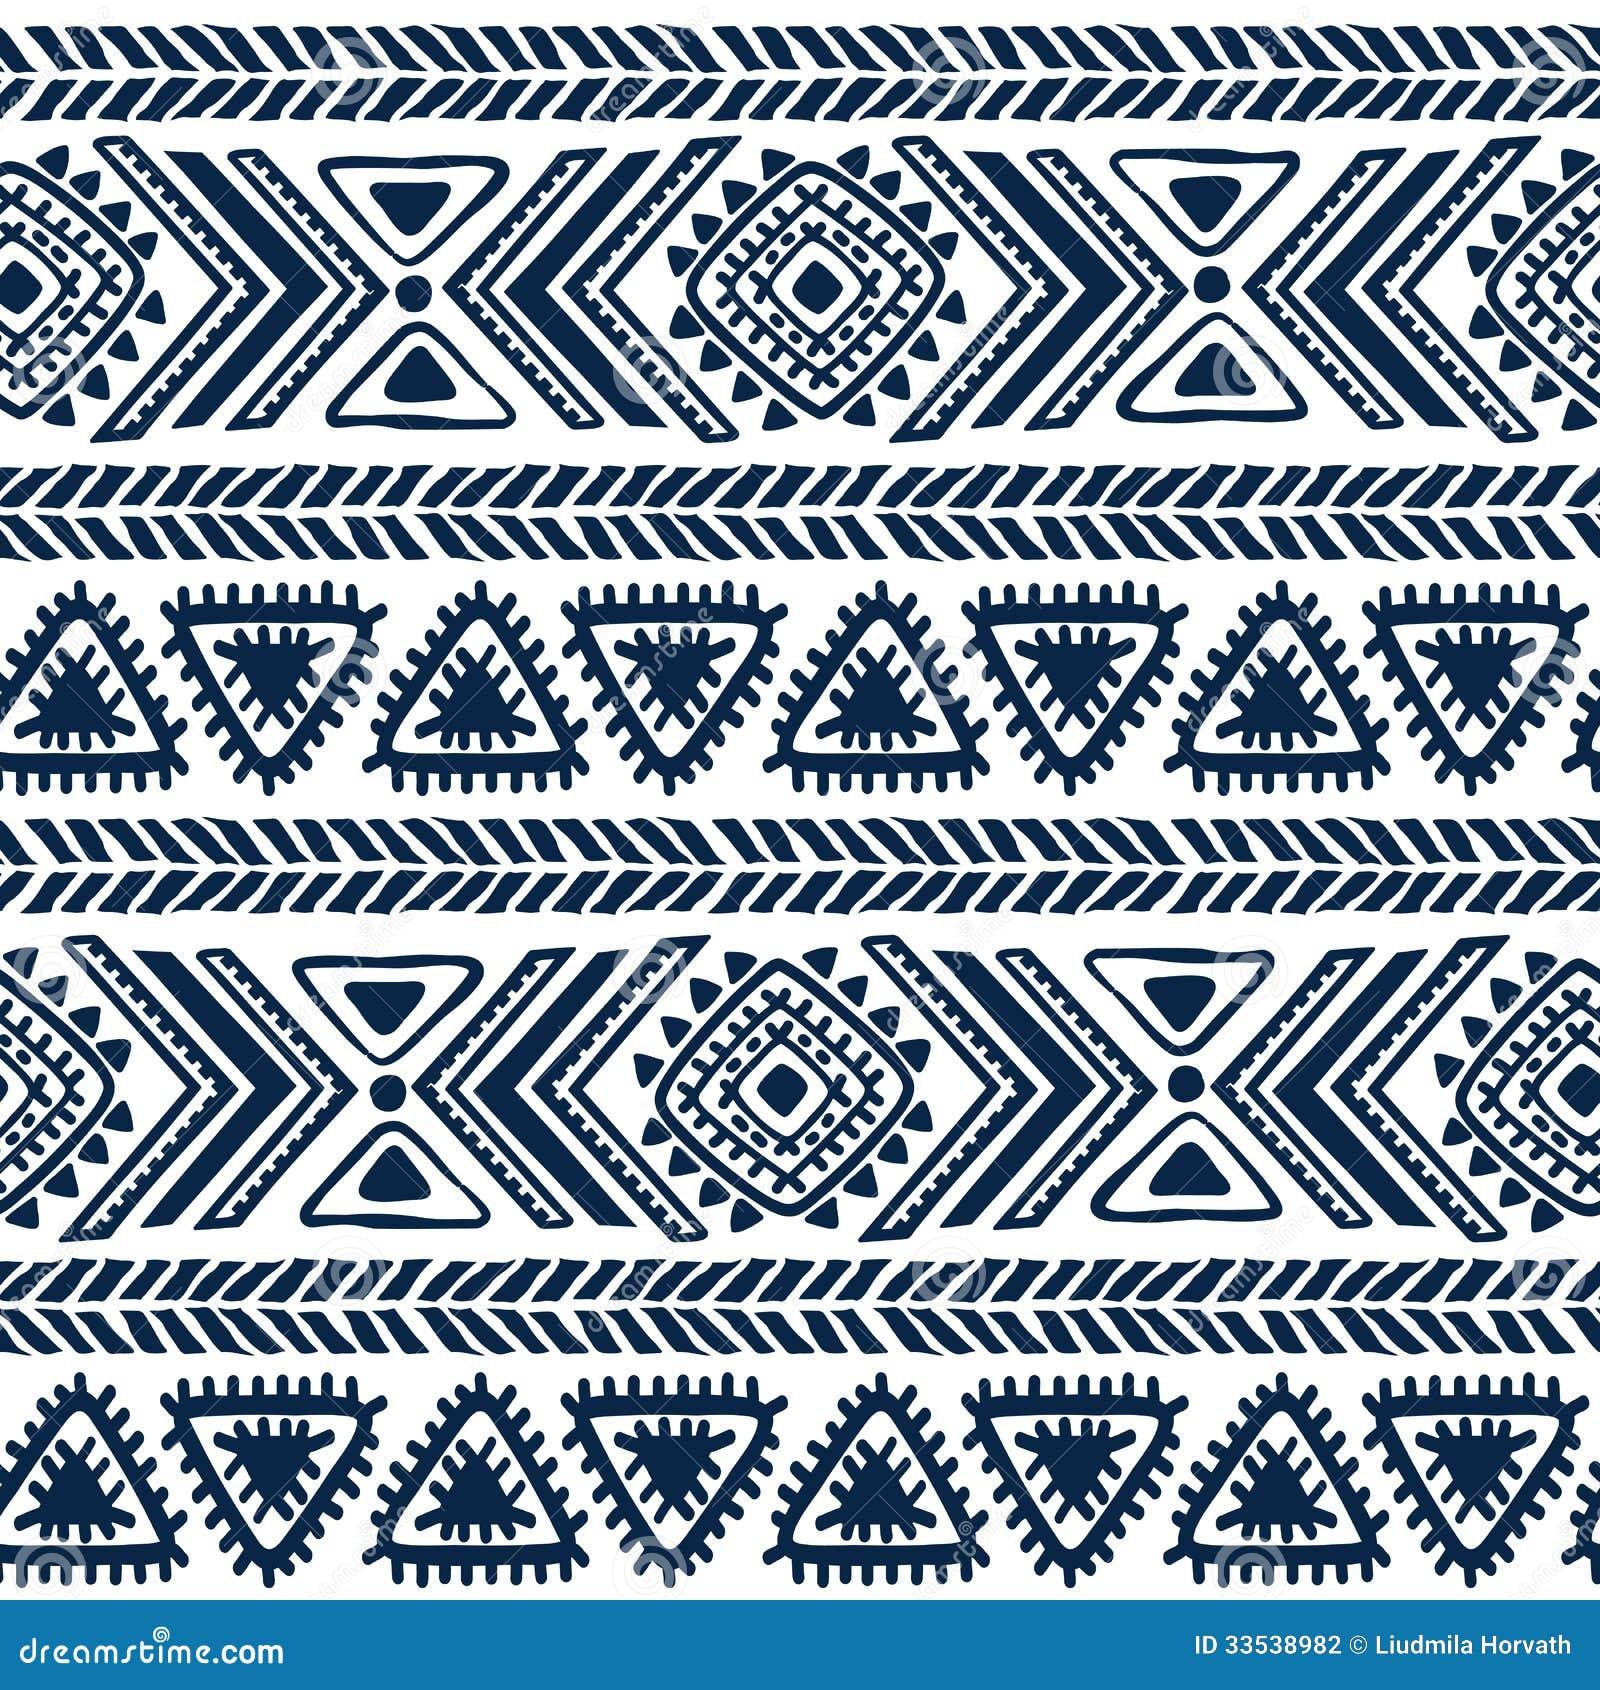 Pattern tribal tattoo 3d